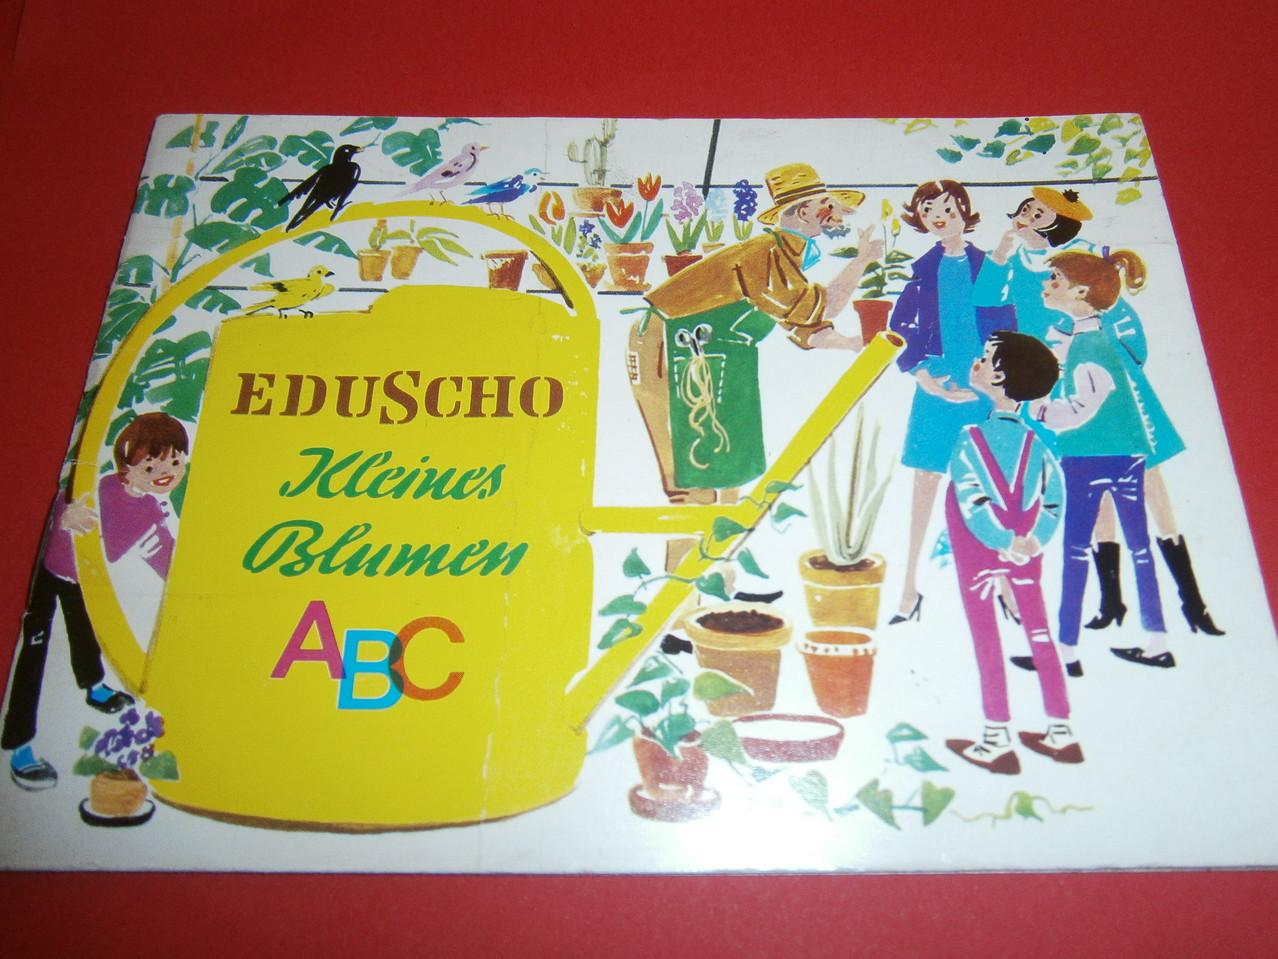 Eduscho Kleines Blumen ABC 1970